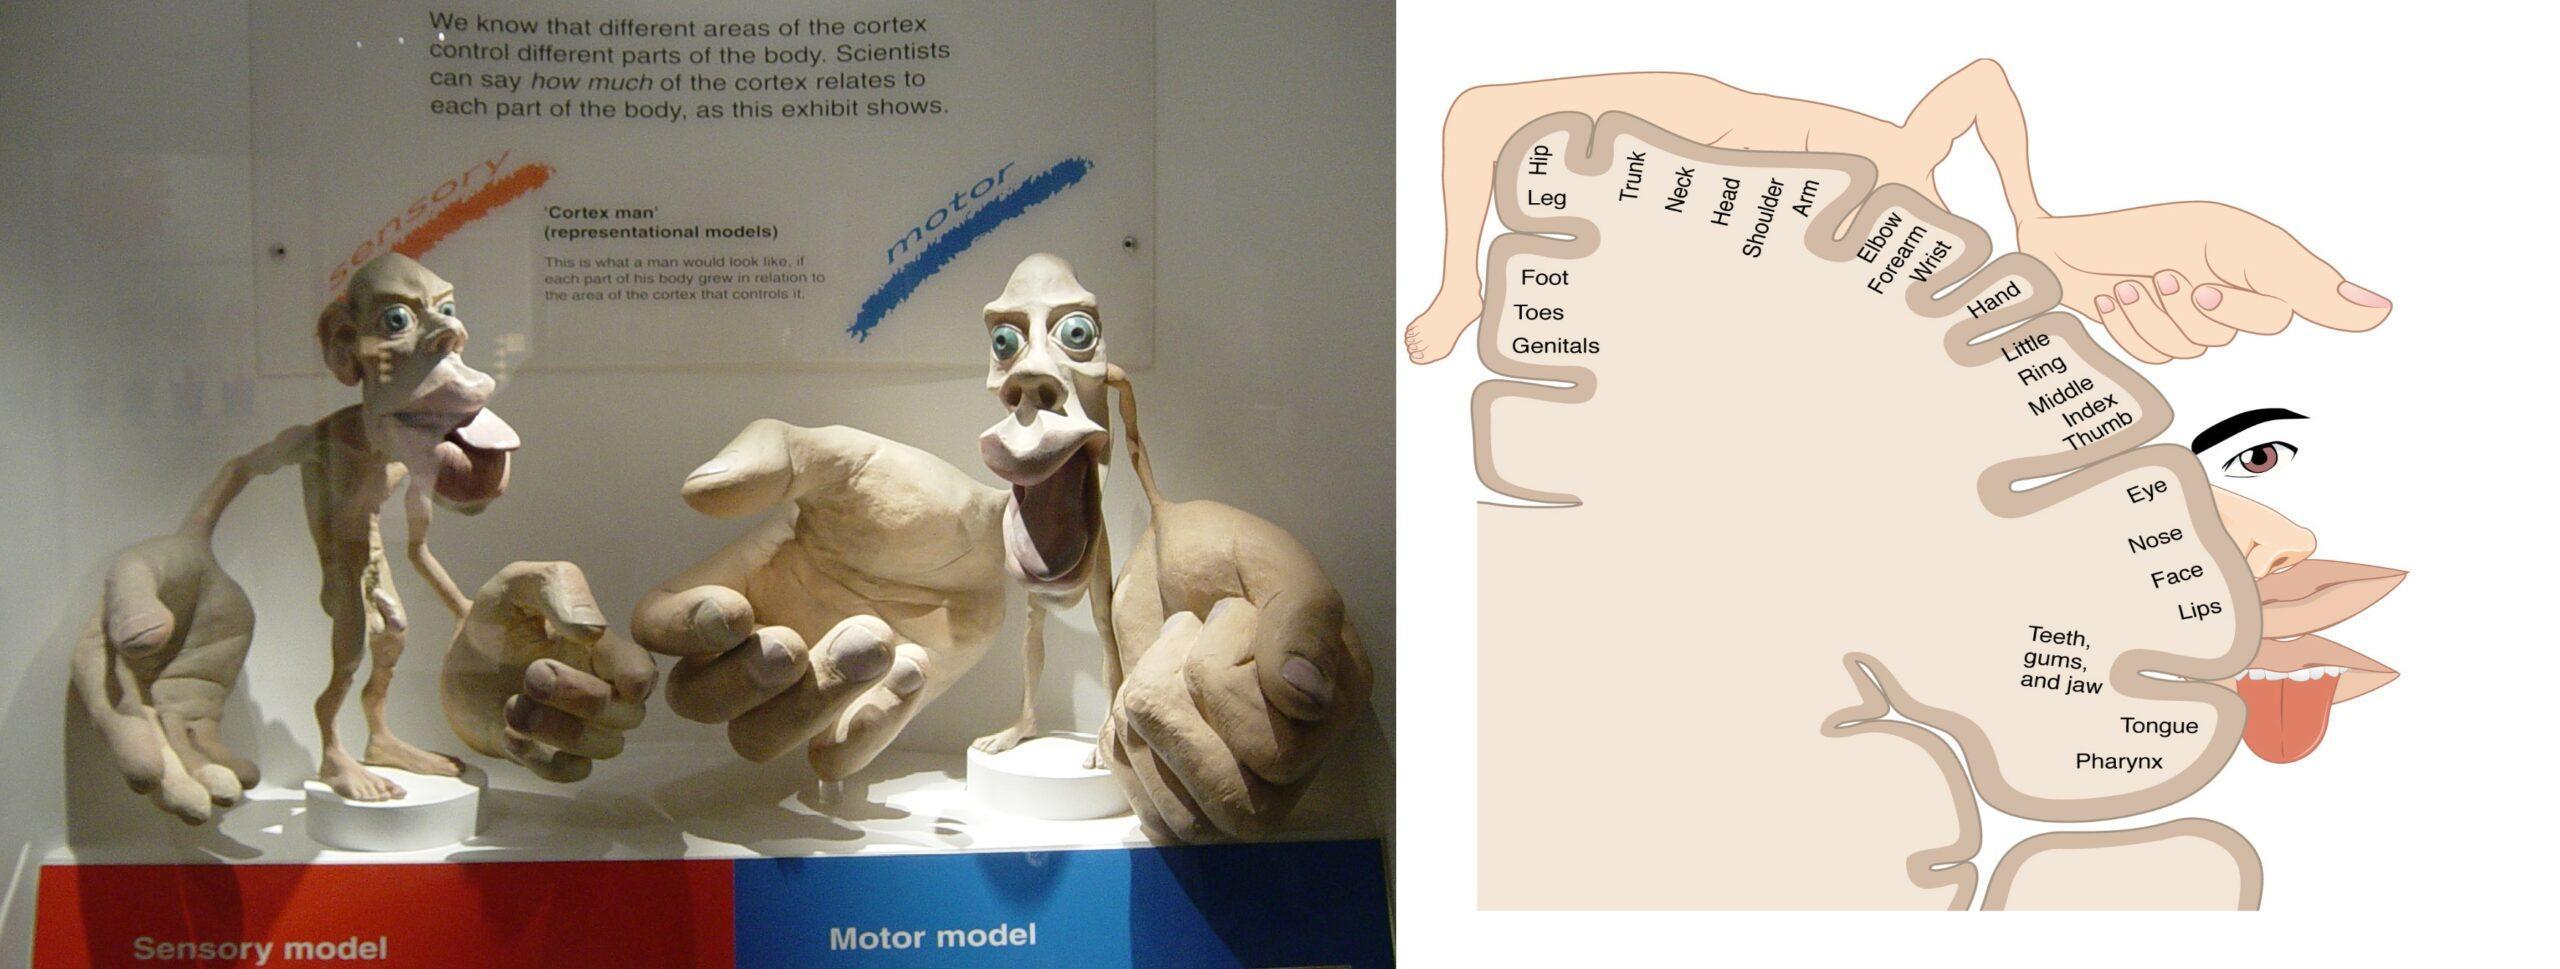 Как появился и эволюционировал гомункулус в нашем мозге?